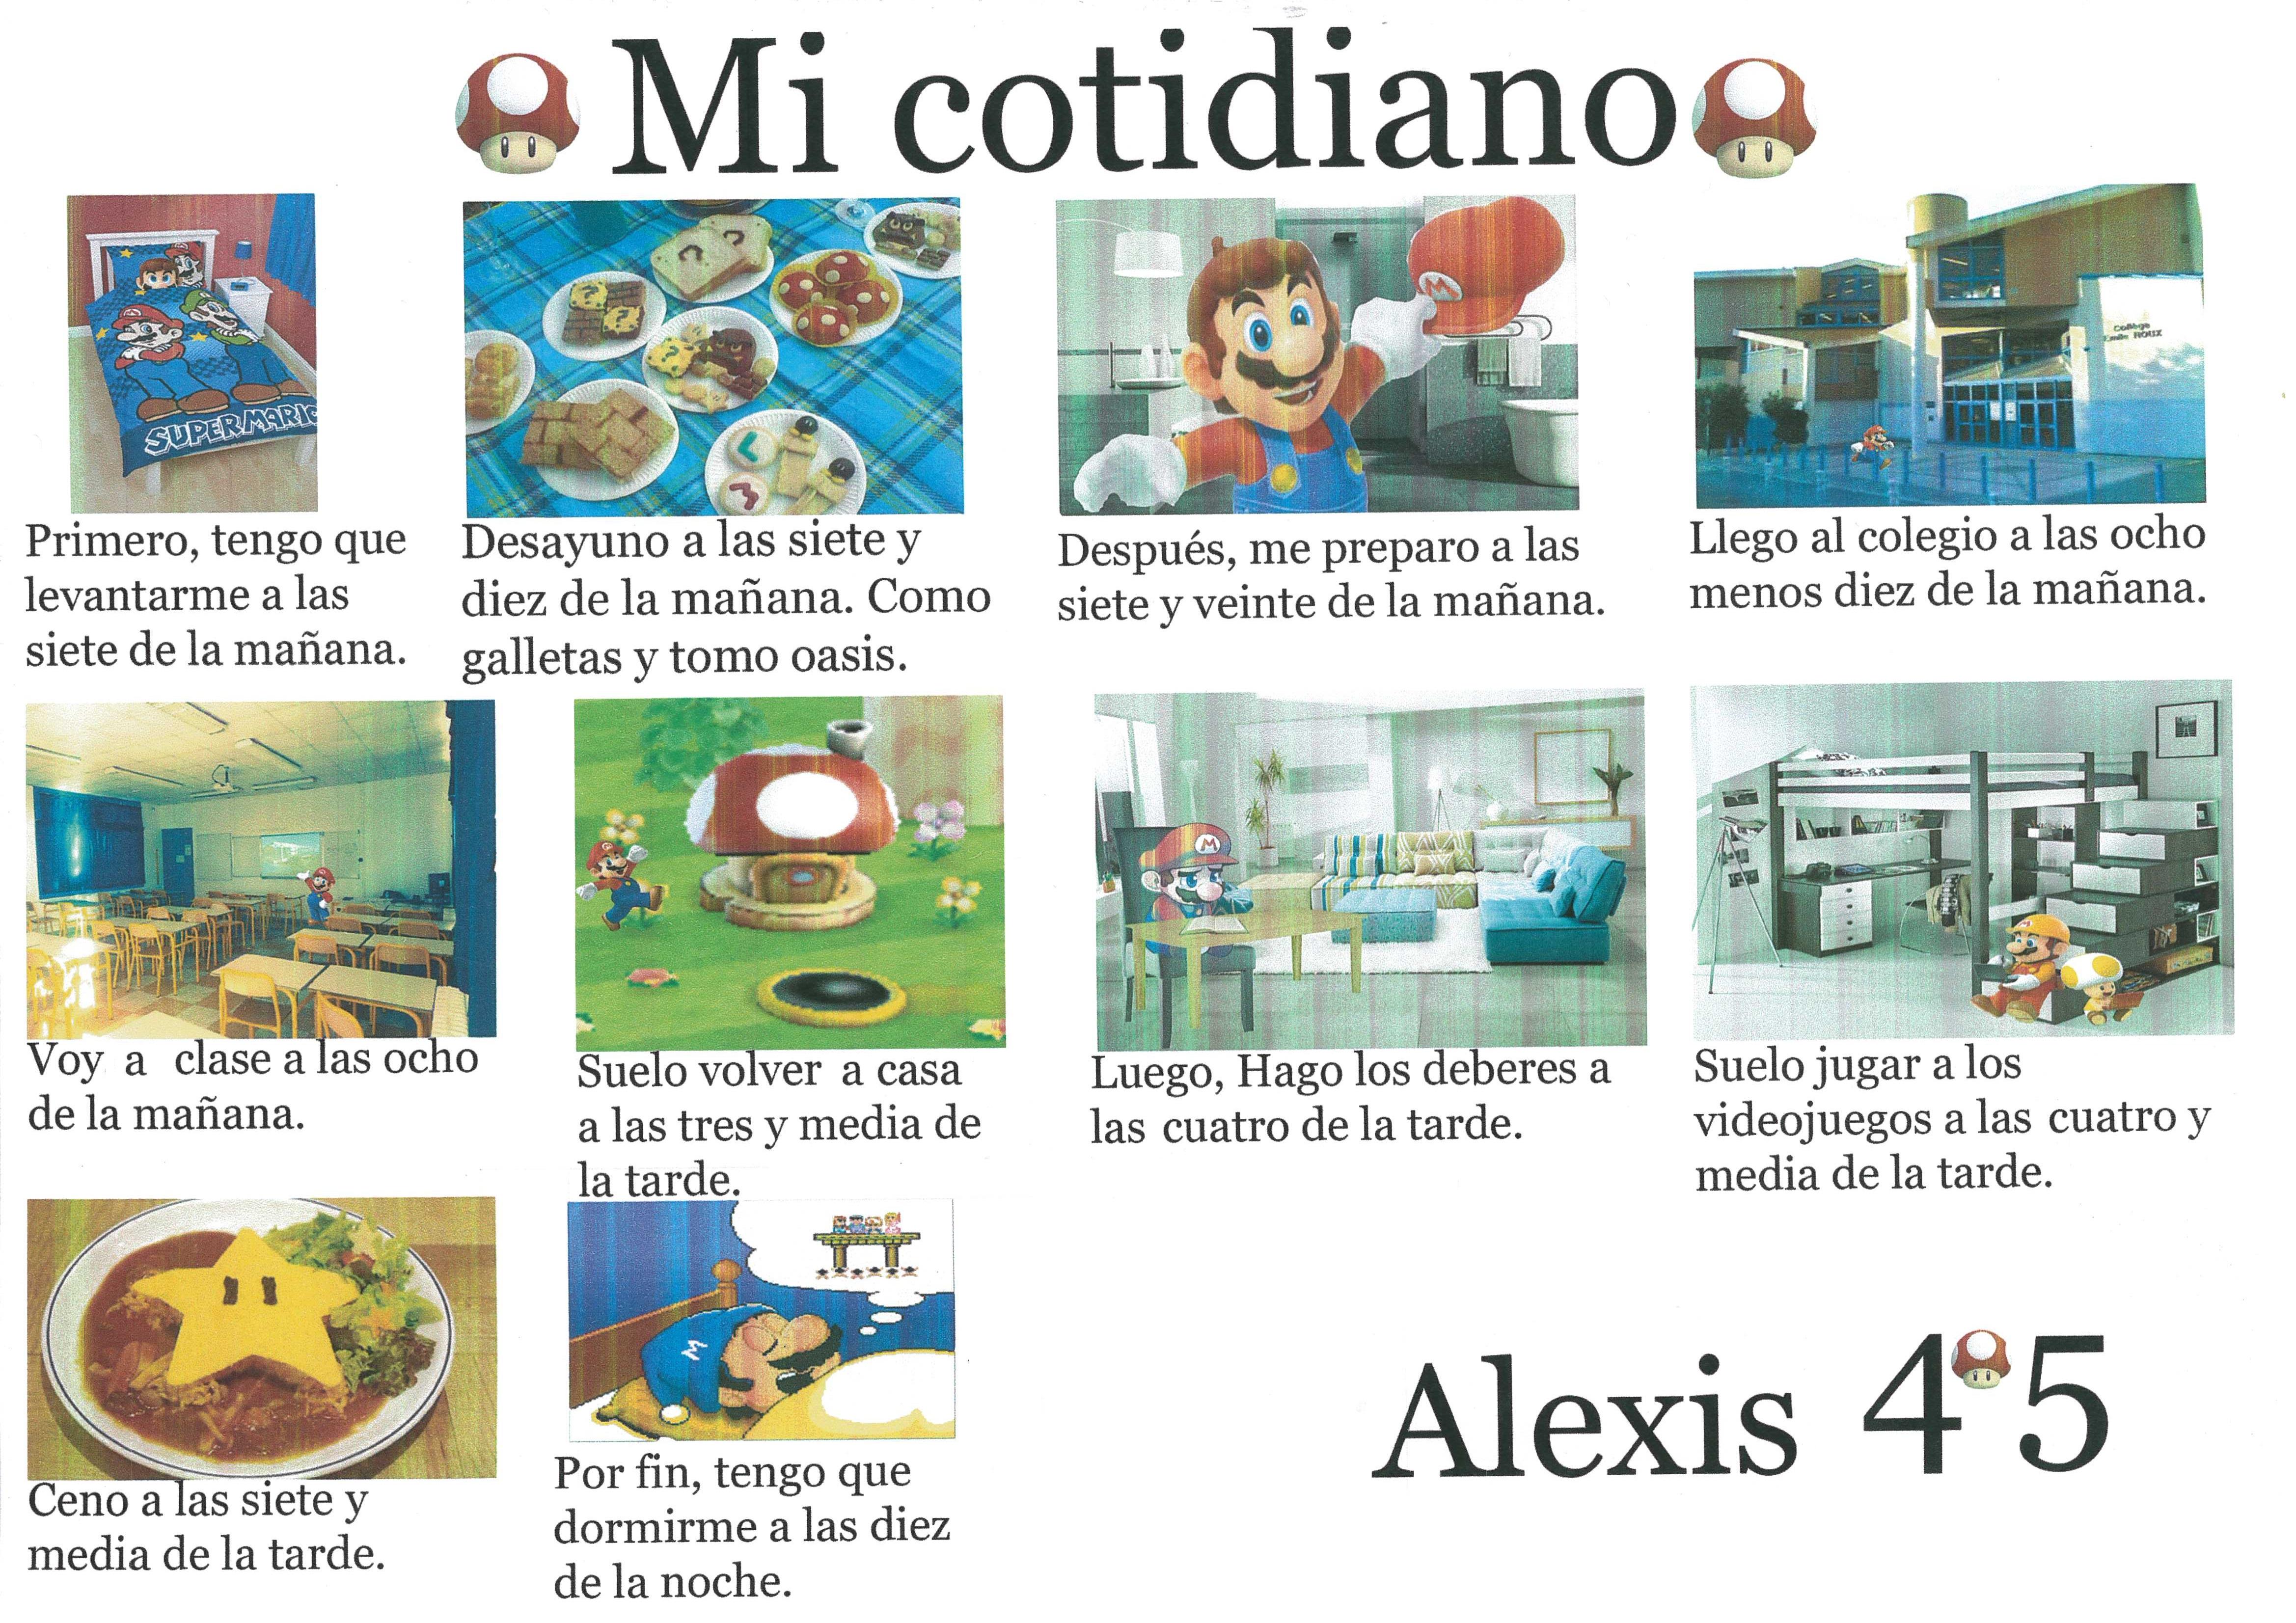 03) Alexis